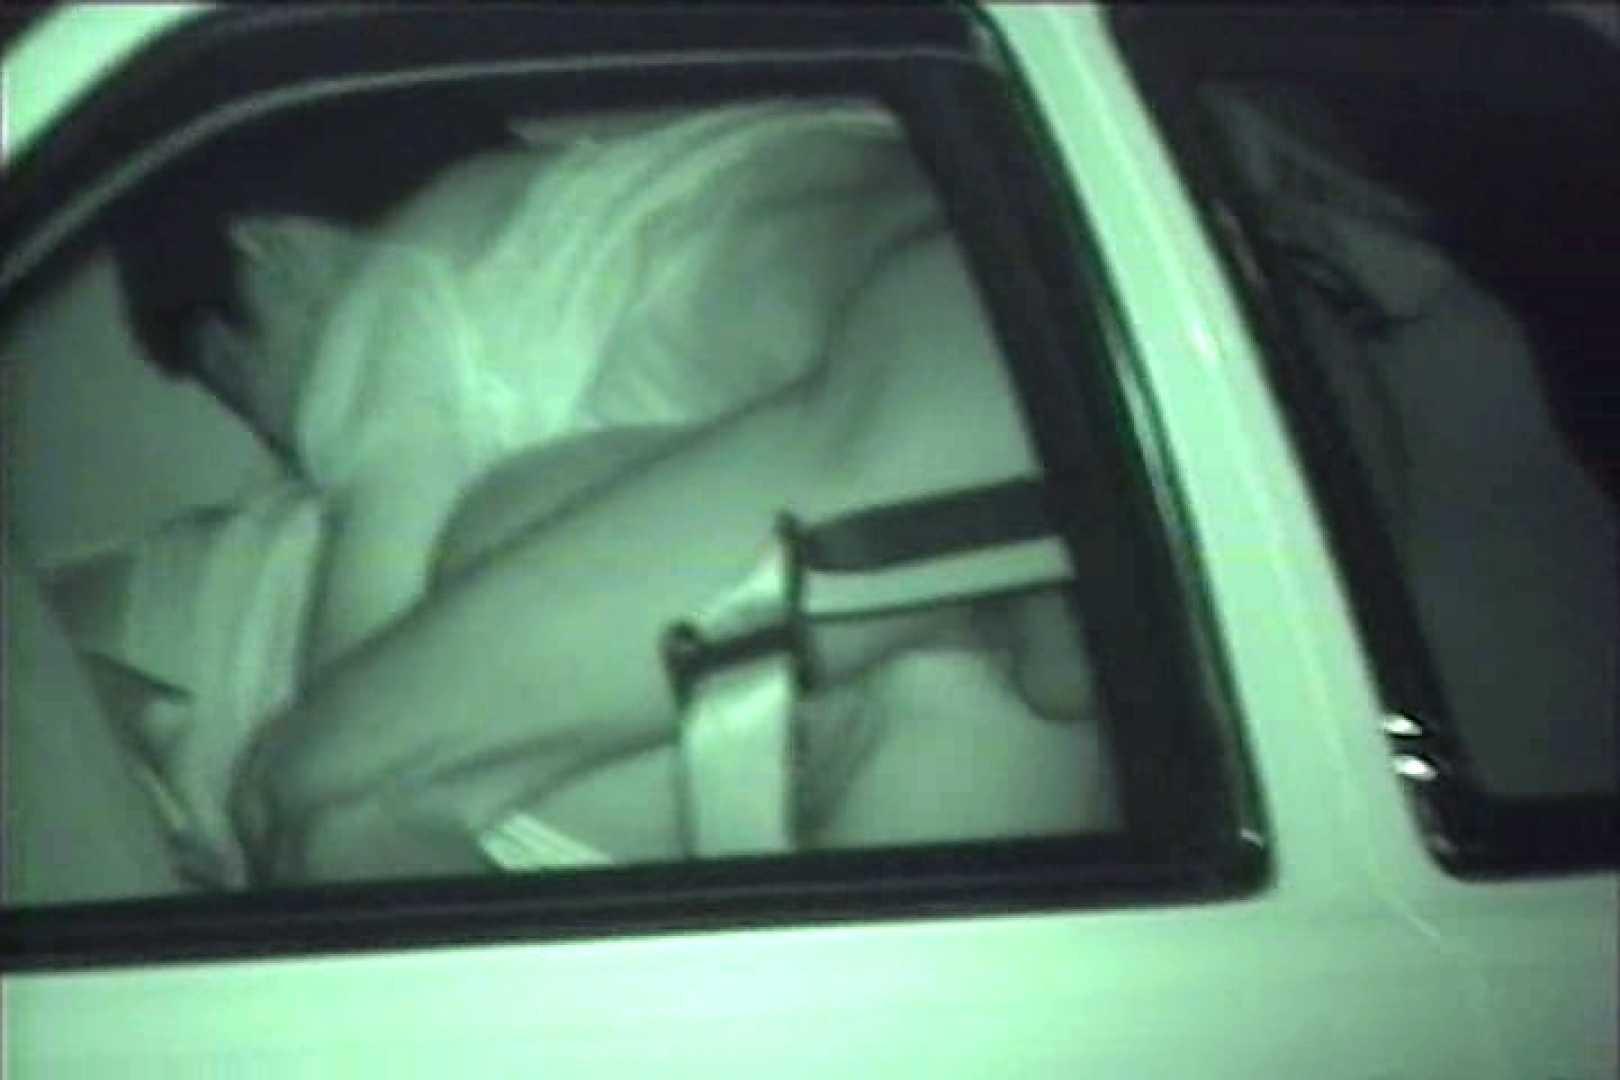 車の中はラブホテル 無修正版  Vol.17 マンコ映像 おめこ無修正動画無料 104連発 69